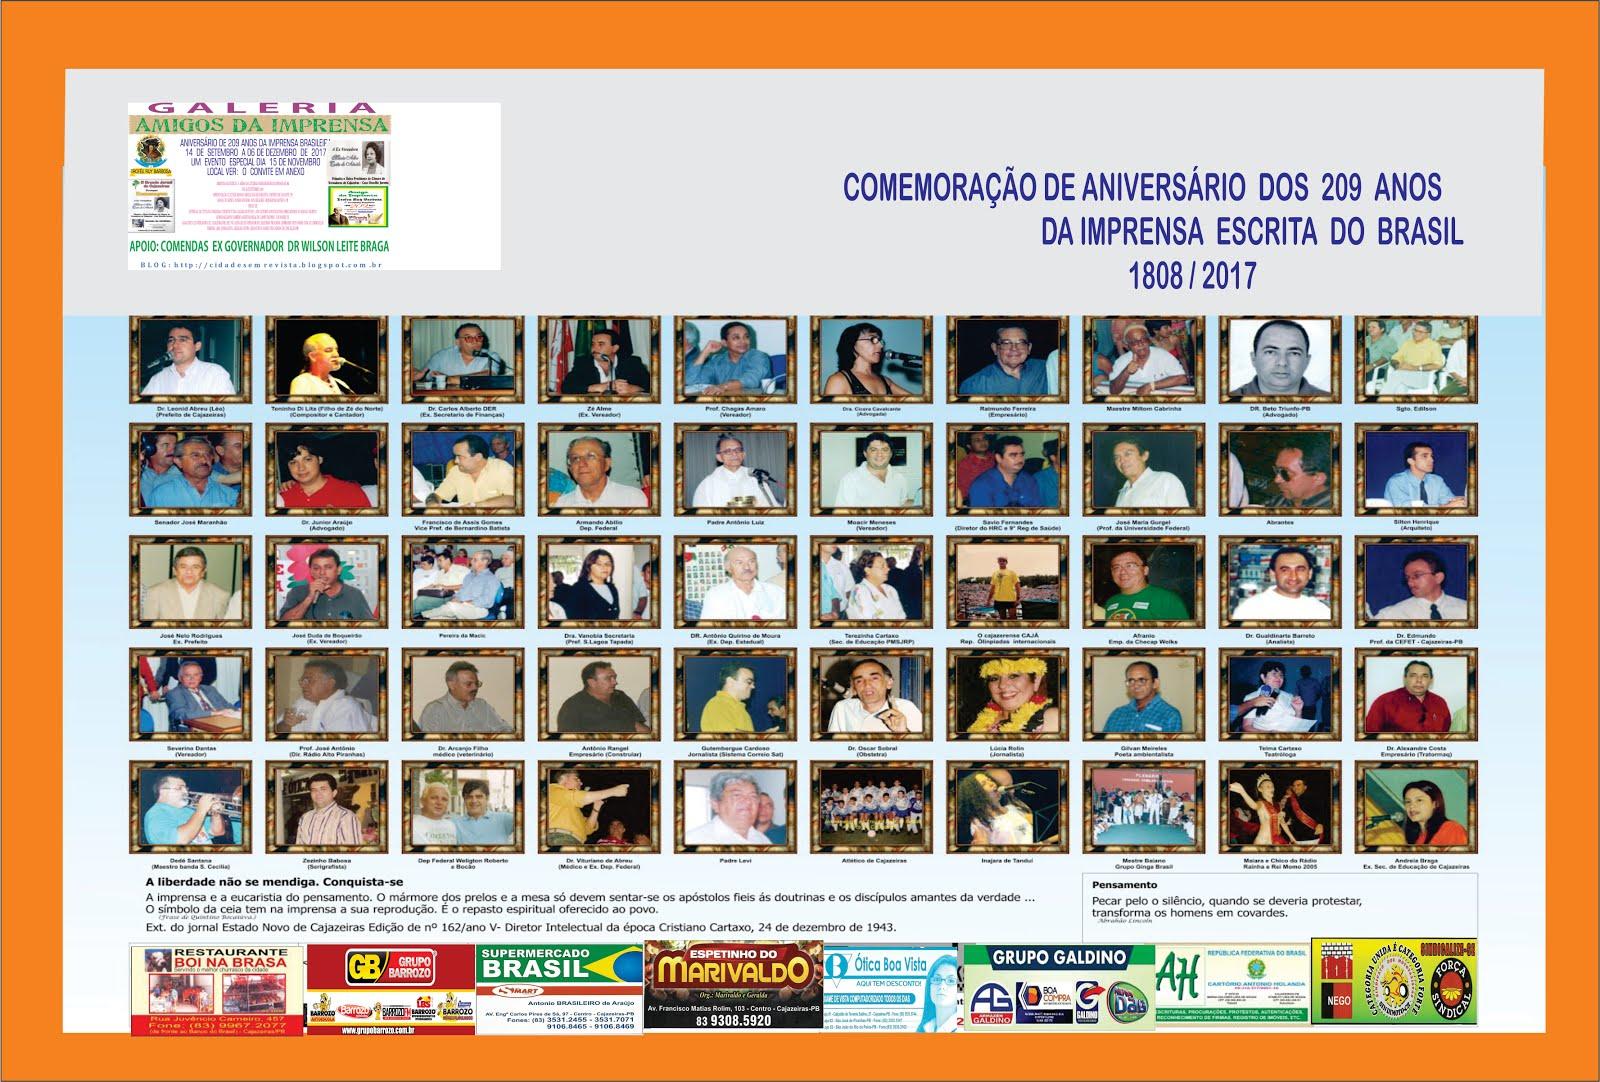 GALERIA  DOS CONTEMPLADOS AMIGO DA IMPRENSA  NOS  209 ANOS